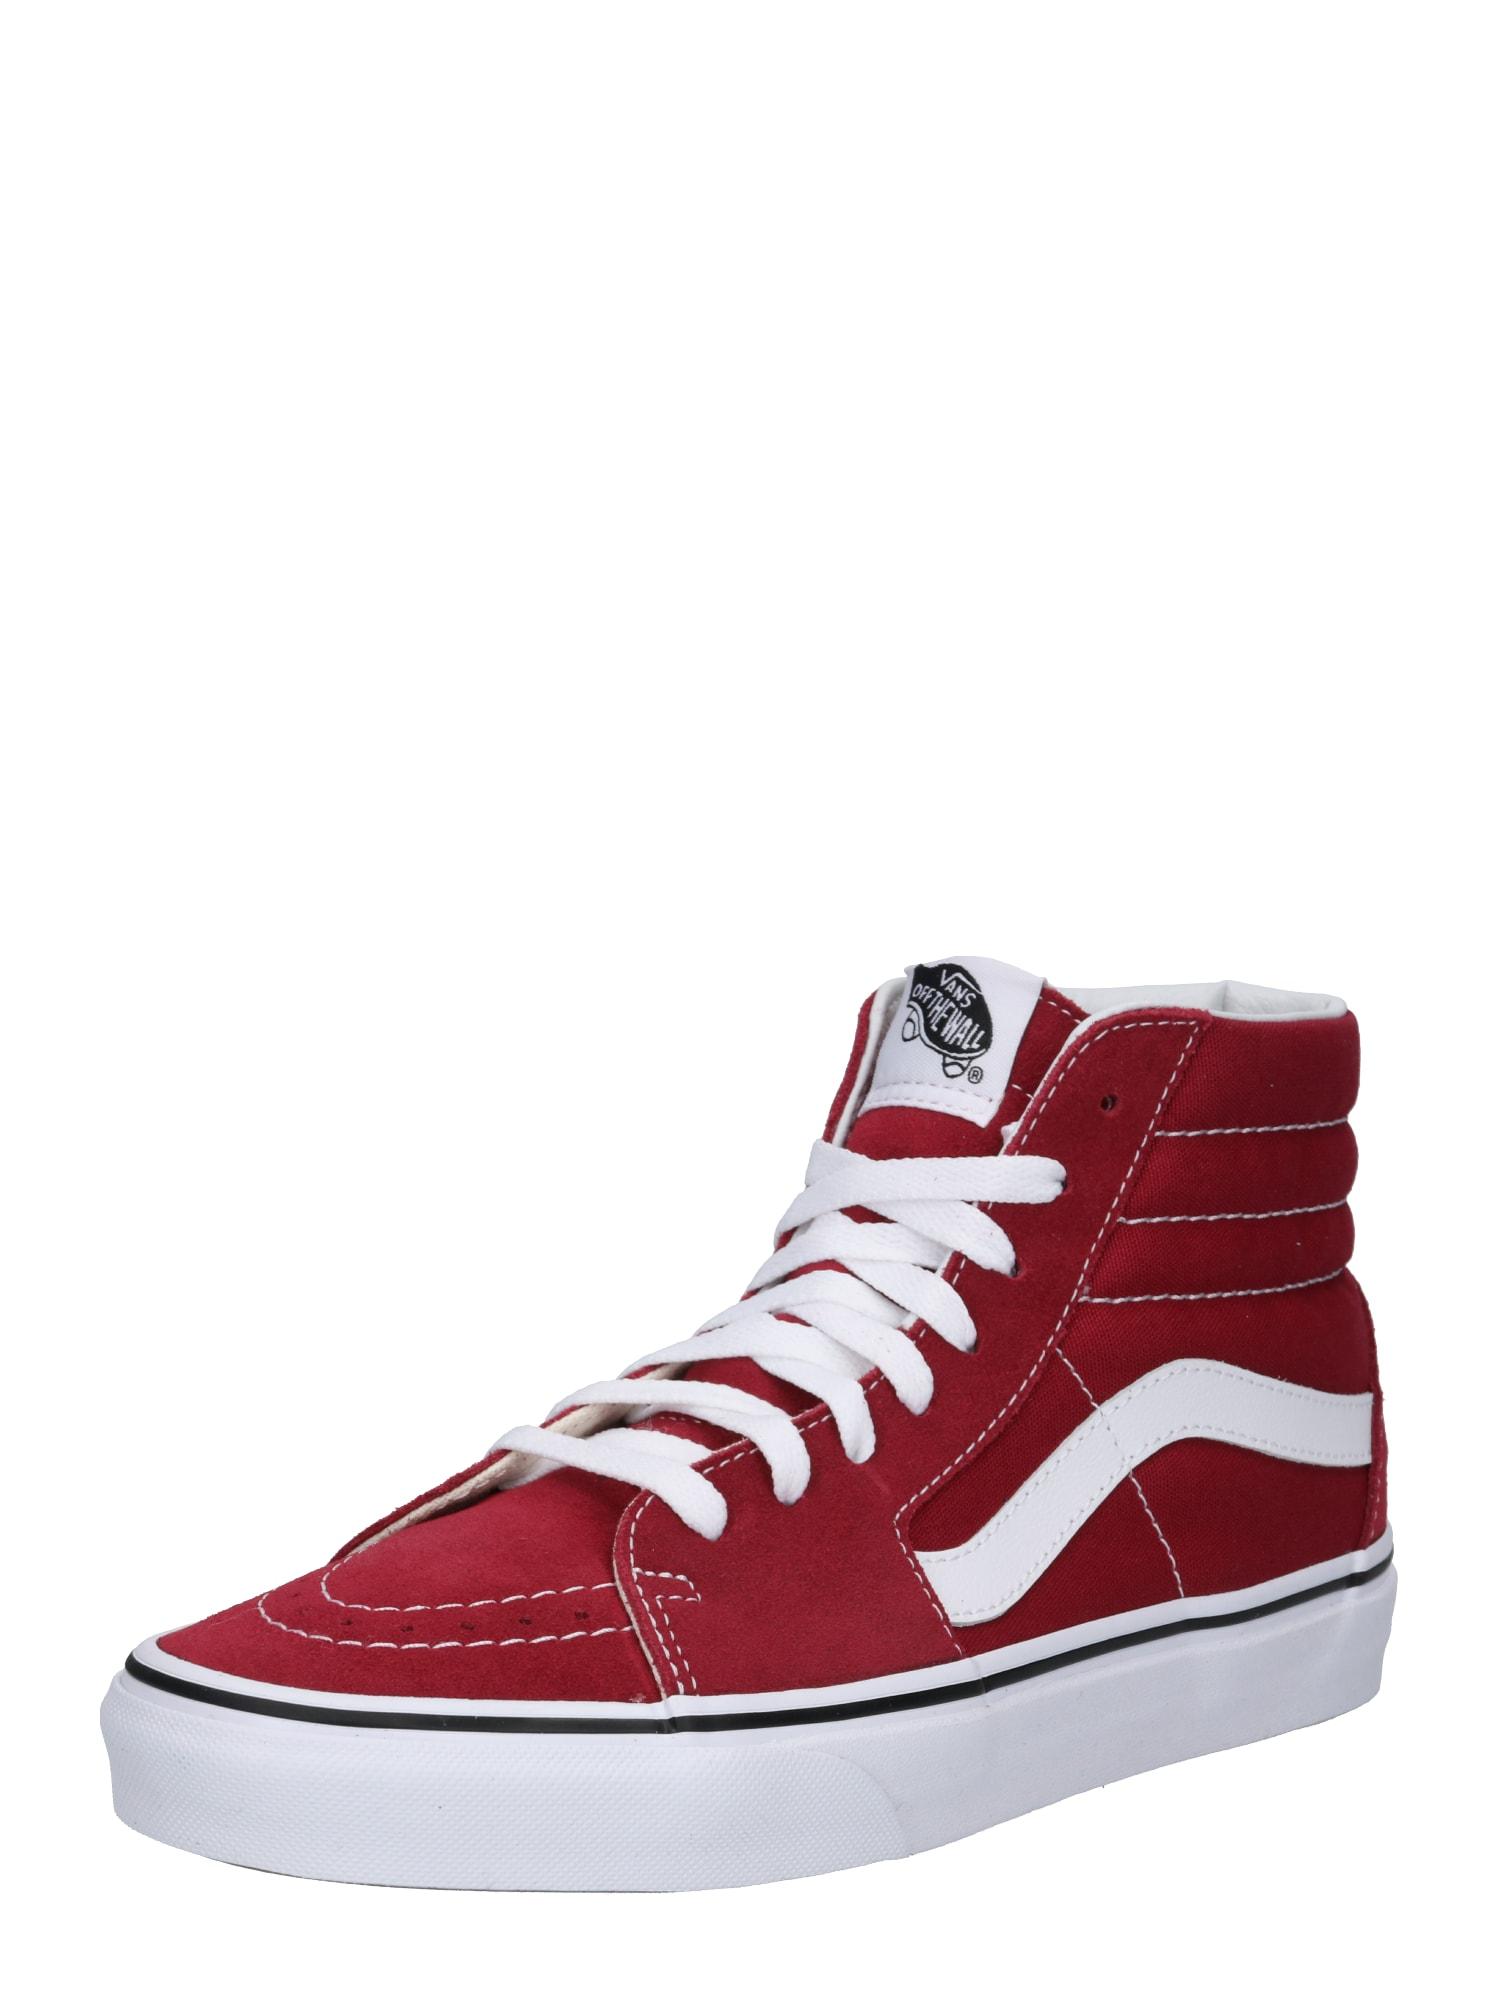 Kotníkové tenisky UA SK8-Hi červená bílá VANS